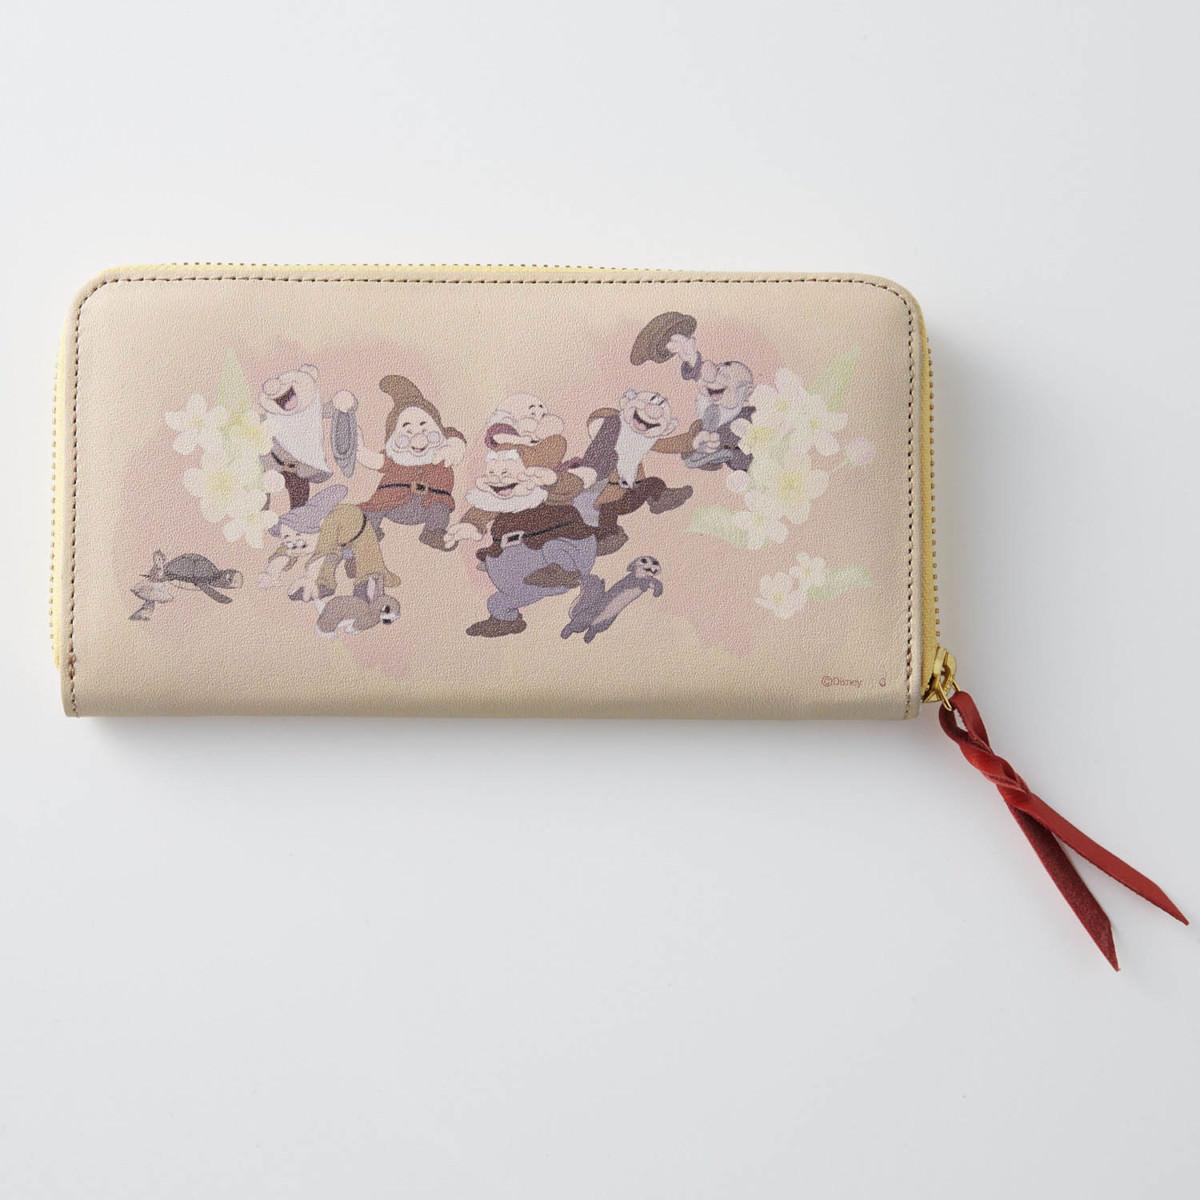 日本製レザー長財布 白雪姫 バックスタイル